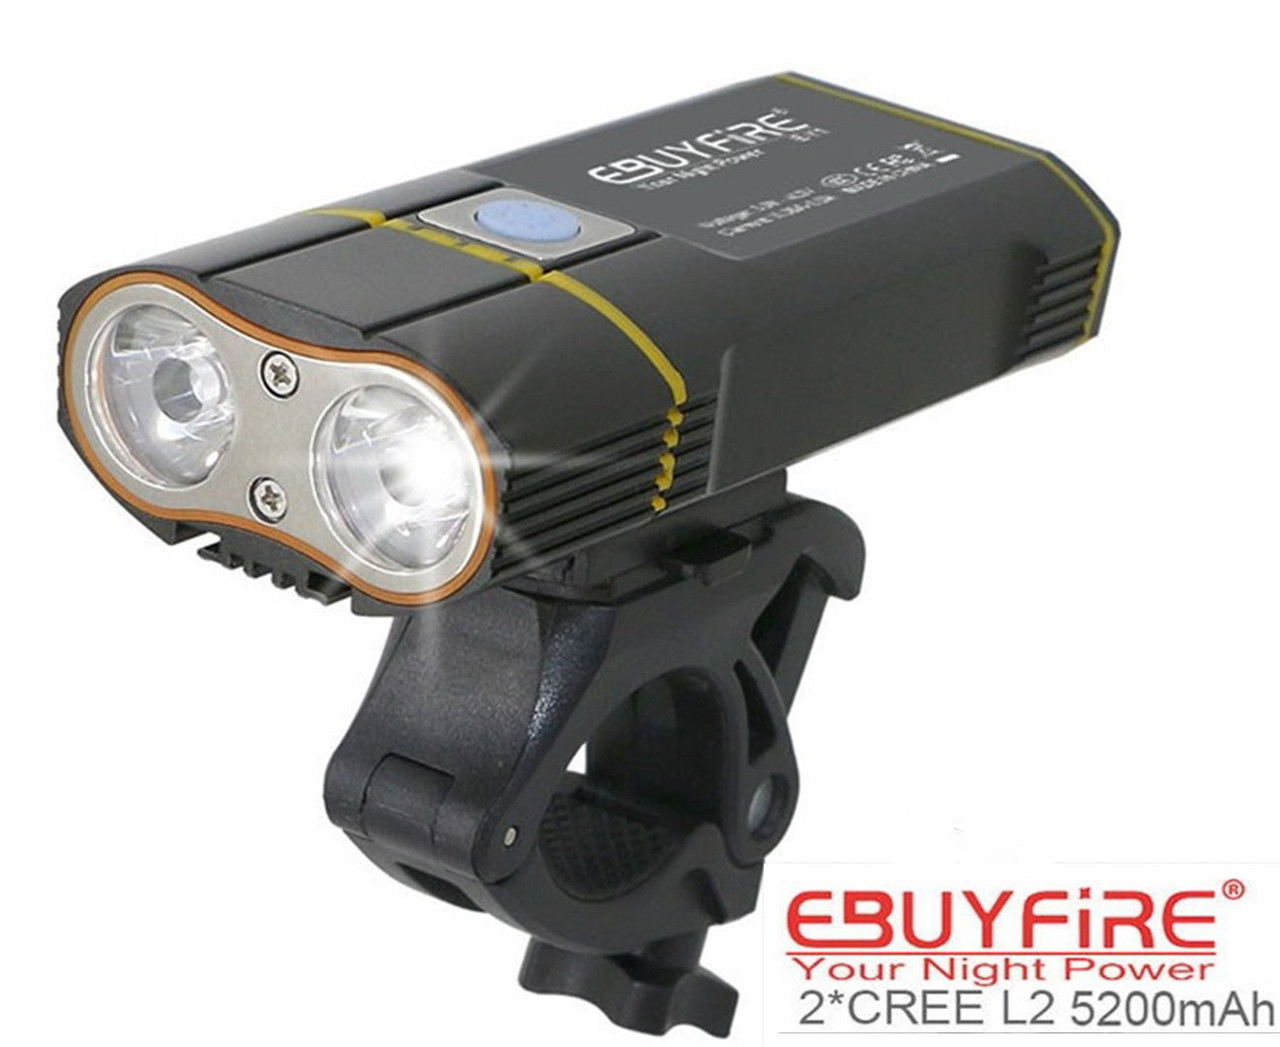 Велосипедный фонарь EBUYFIRE E-Y1+отличное крепление и USB TypeС (XML-L2*2, IPX6, Аккумулятор 18650*2 5200mAh)